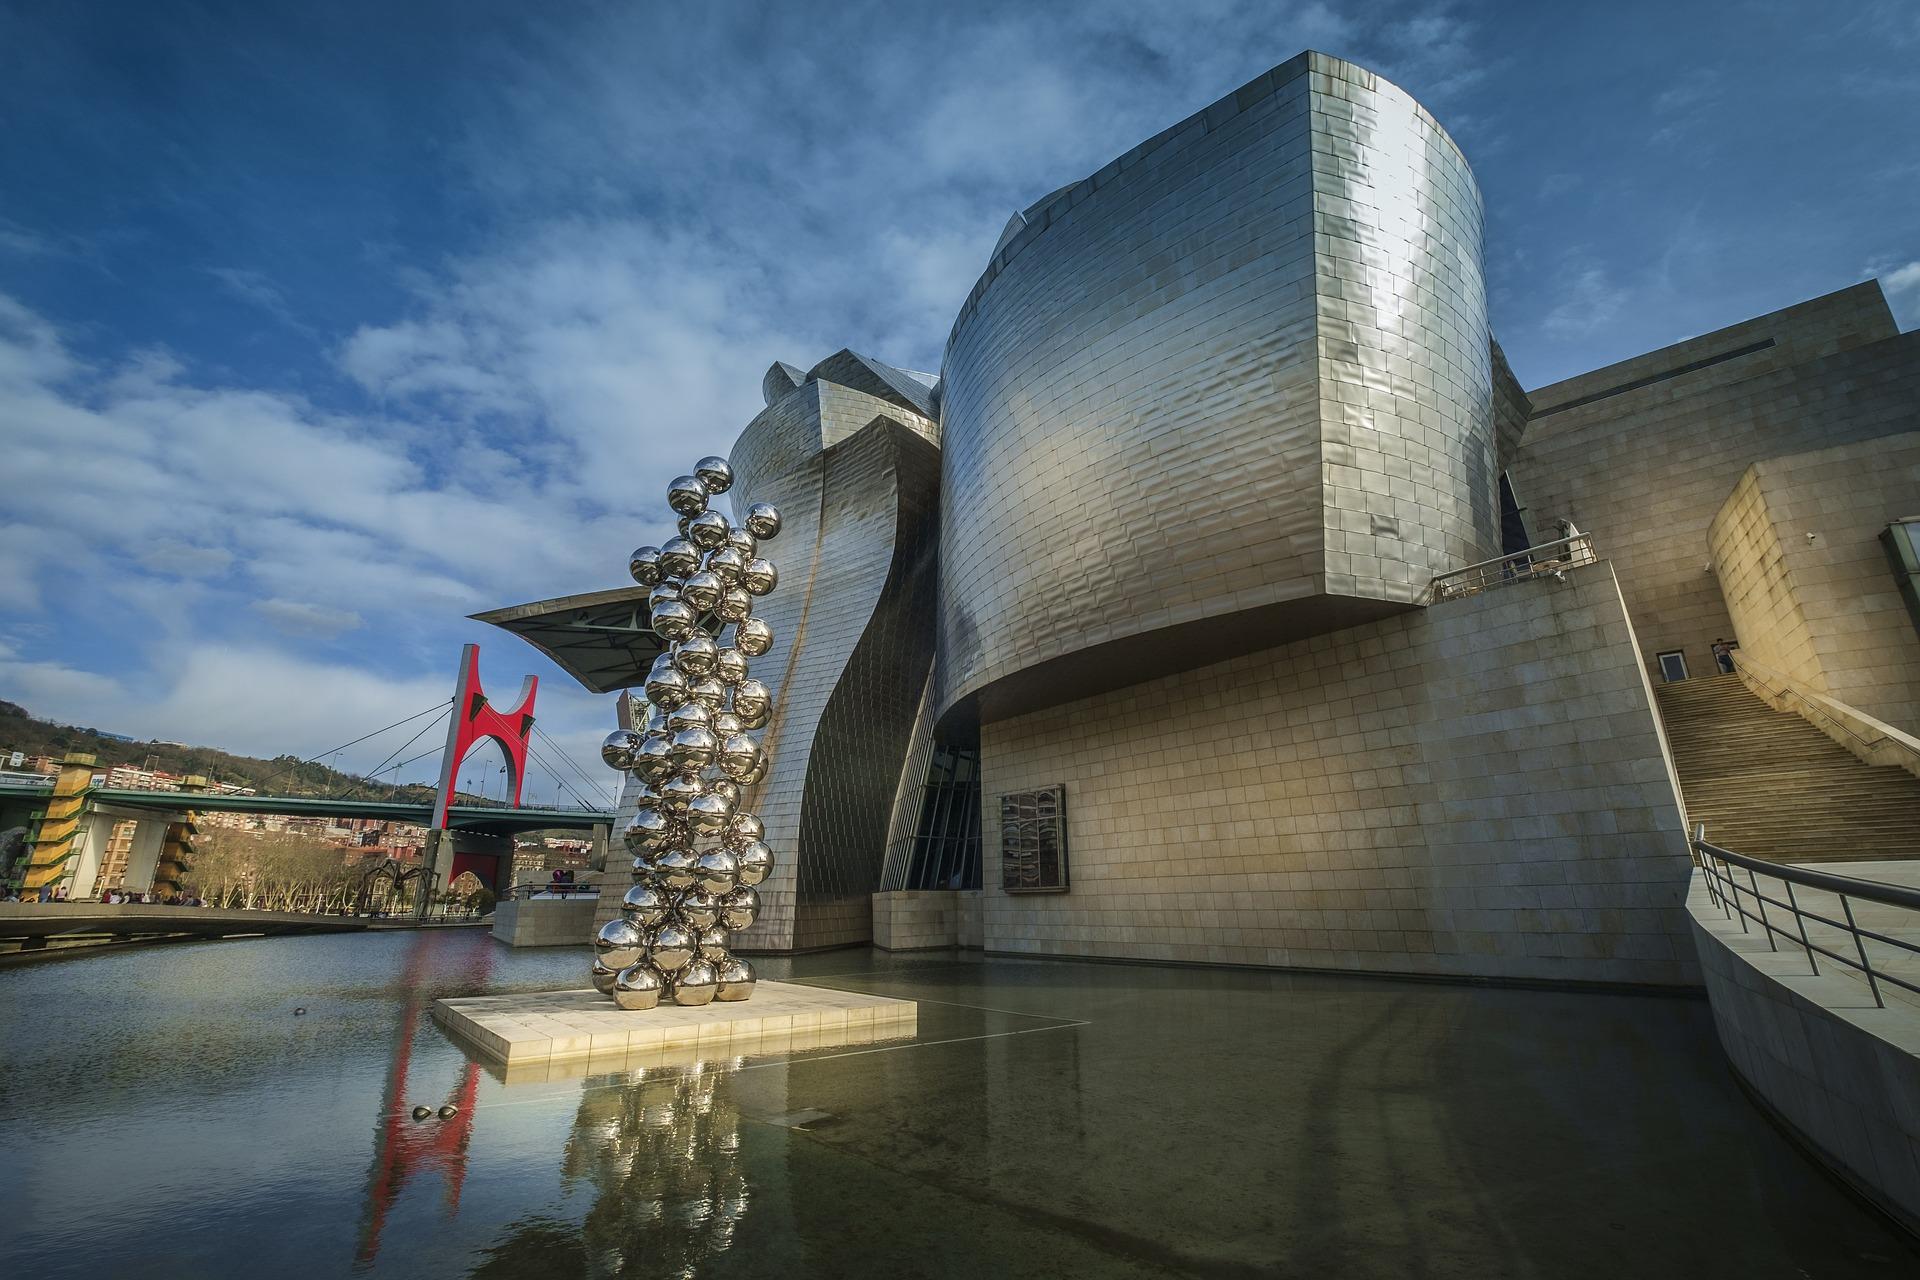 3. Guggenheim Bilbao credito Holidu - Los 10 museos españoles más populares de Instagram Al mal tiempo... ¡Buenos museos!